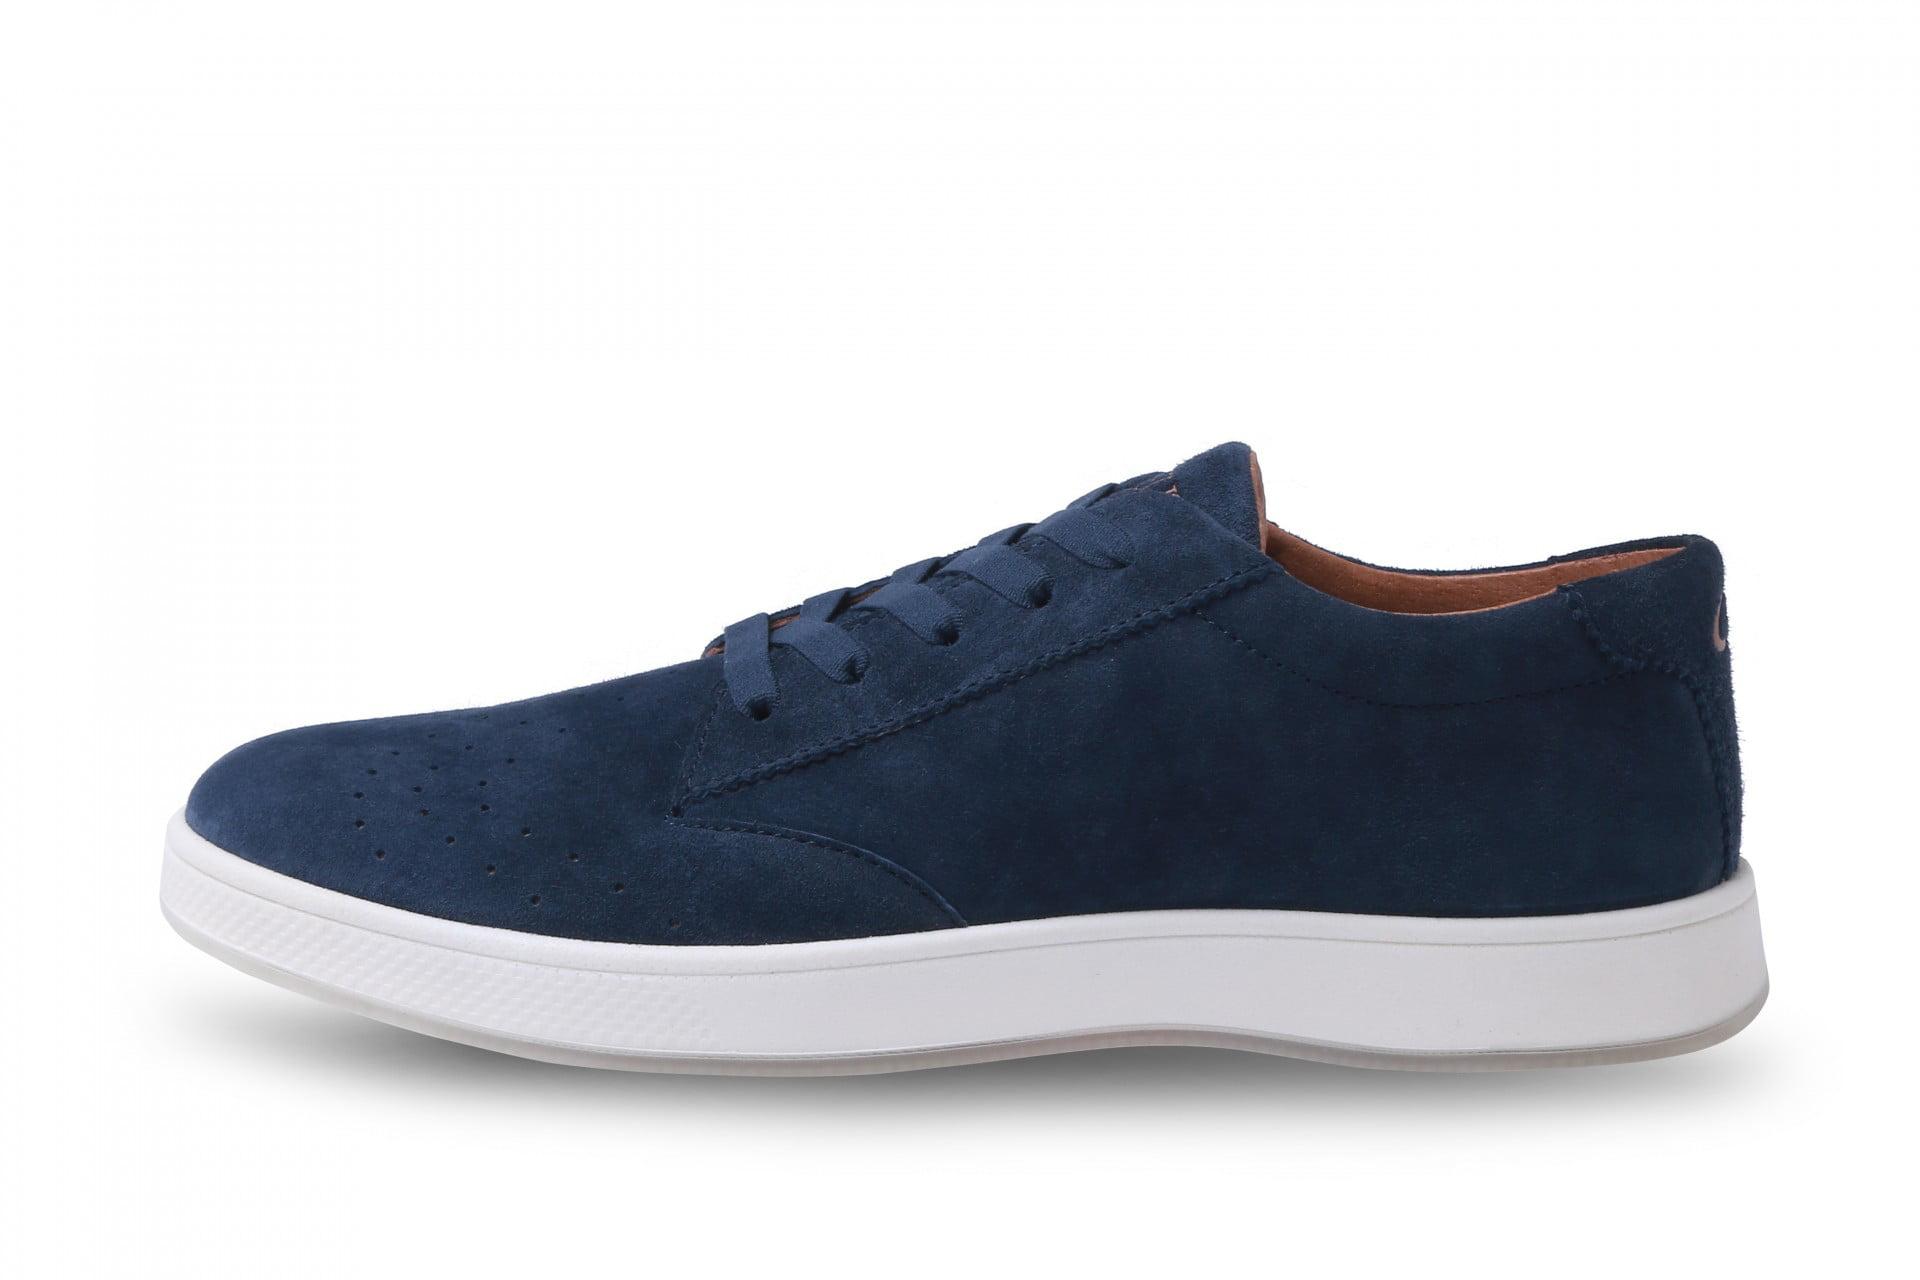 Aureus Men's Fortis Navy Blue Sneakers 9.5 M US